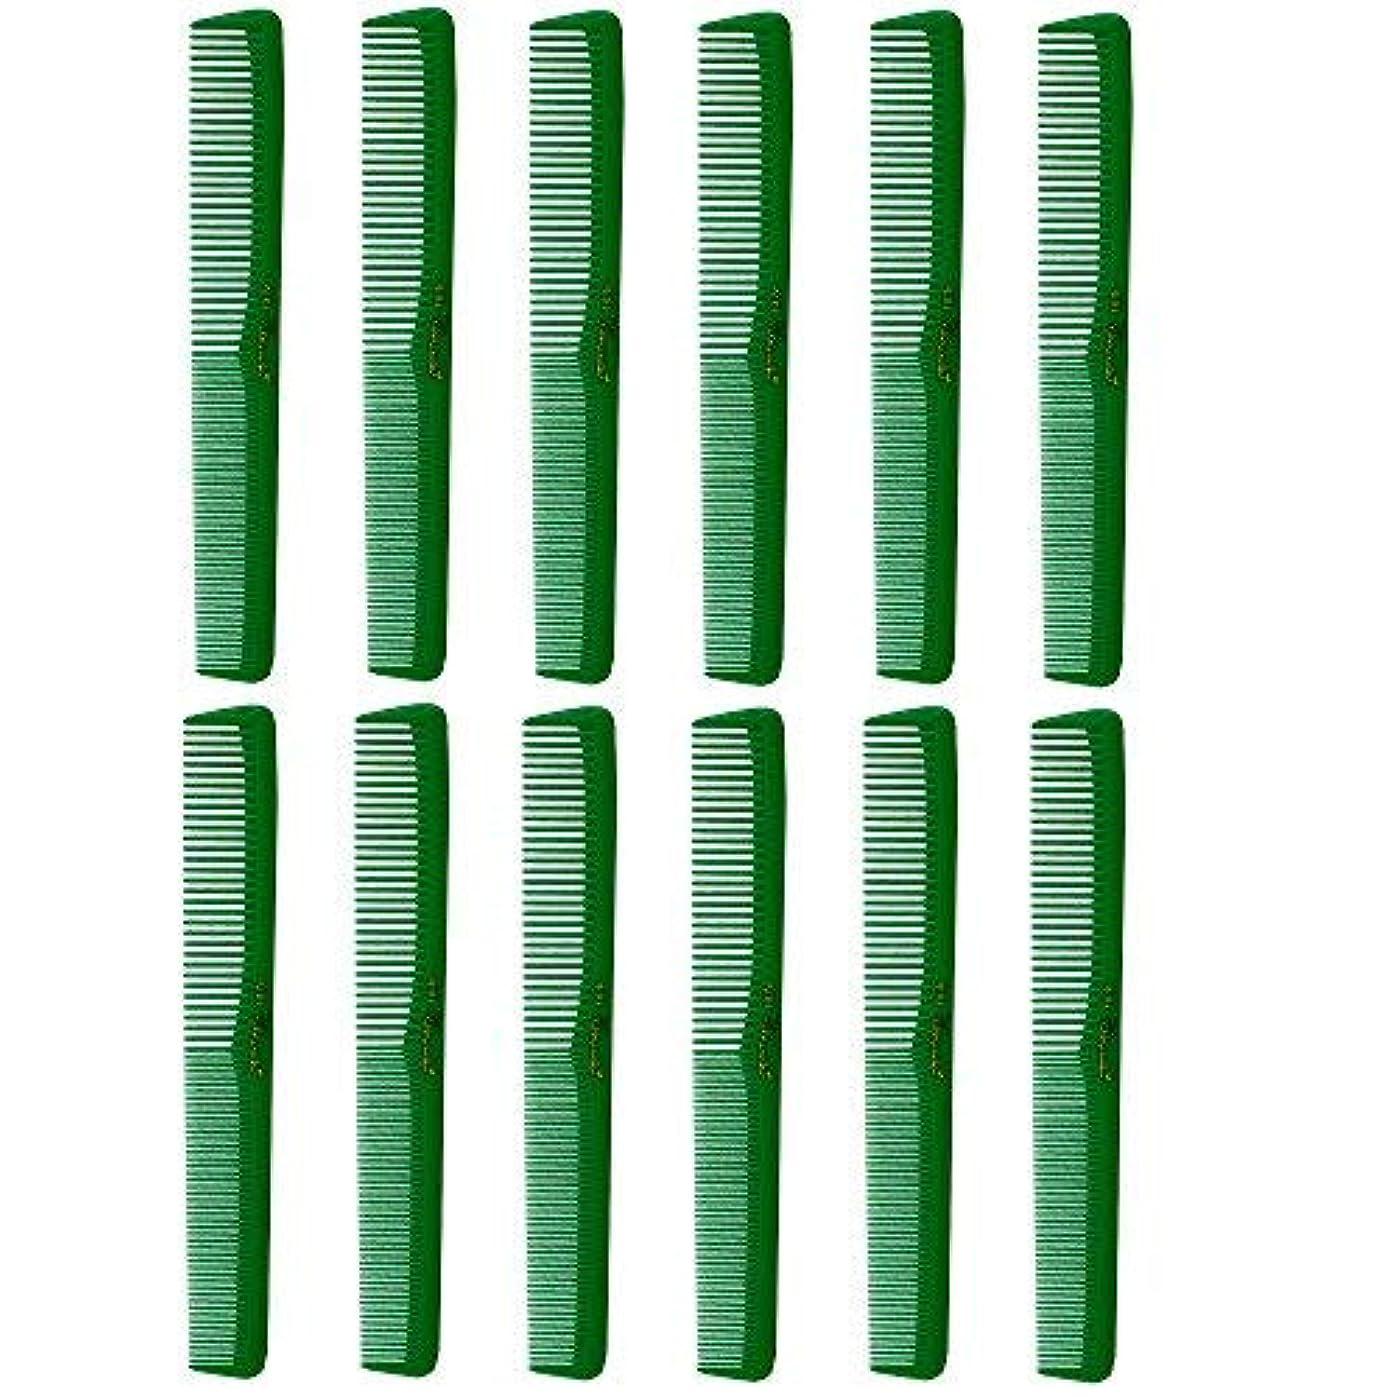 反応する耐えられないヤギBarber Beauty Hair Cleopatra 400 All Purpose Combs (12 Pack) 12 x SB-C400-GREEN [並行輸入品]